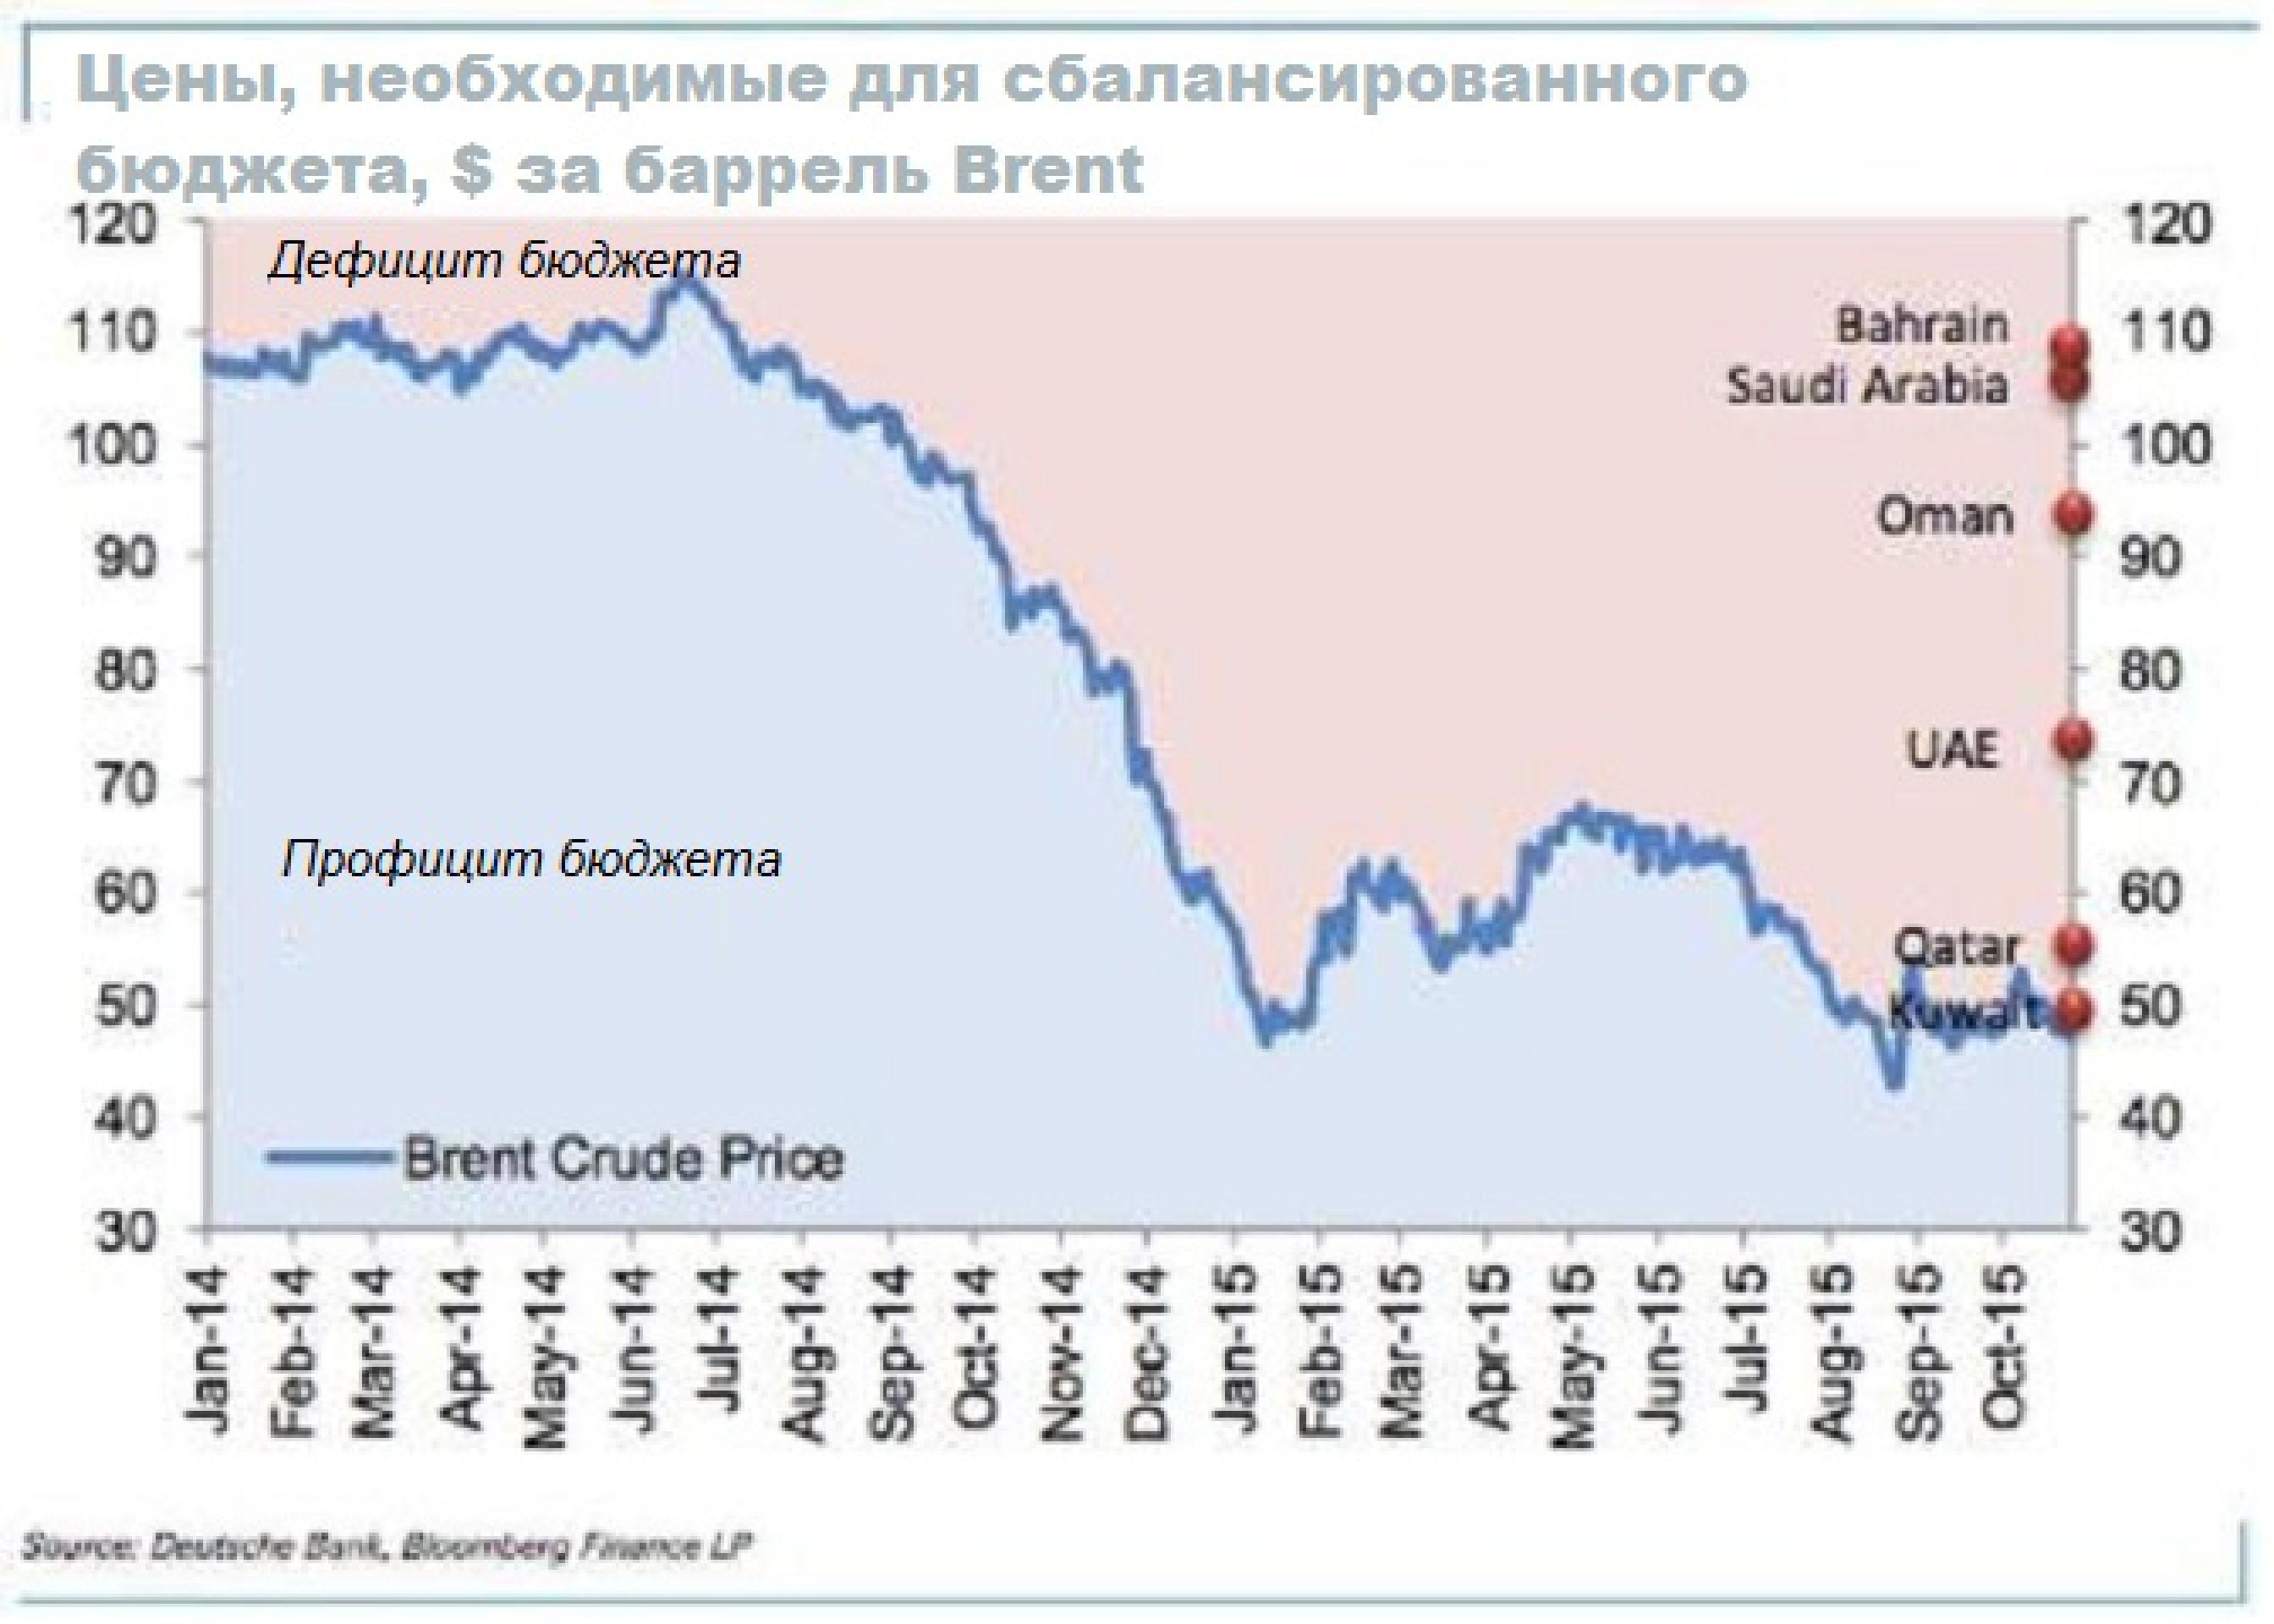 Сбалансированный бюджет по нефти стран ОПЕК